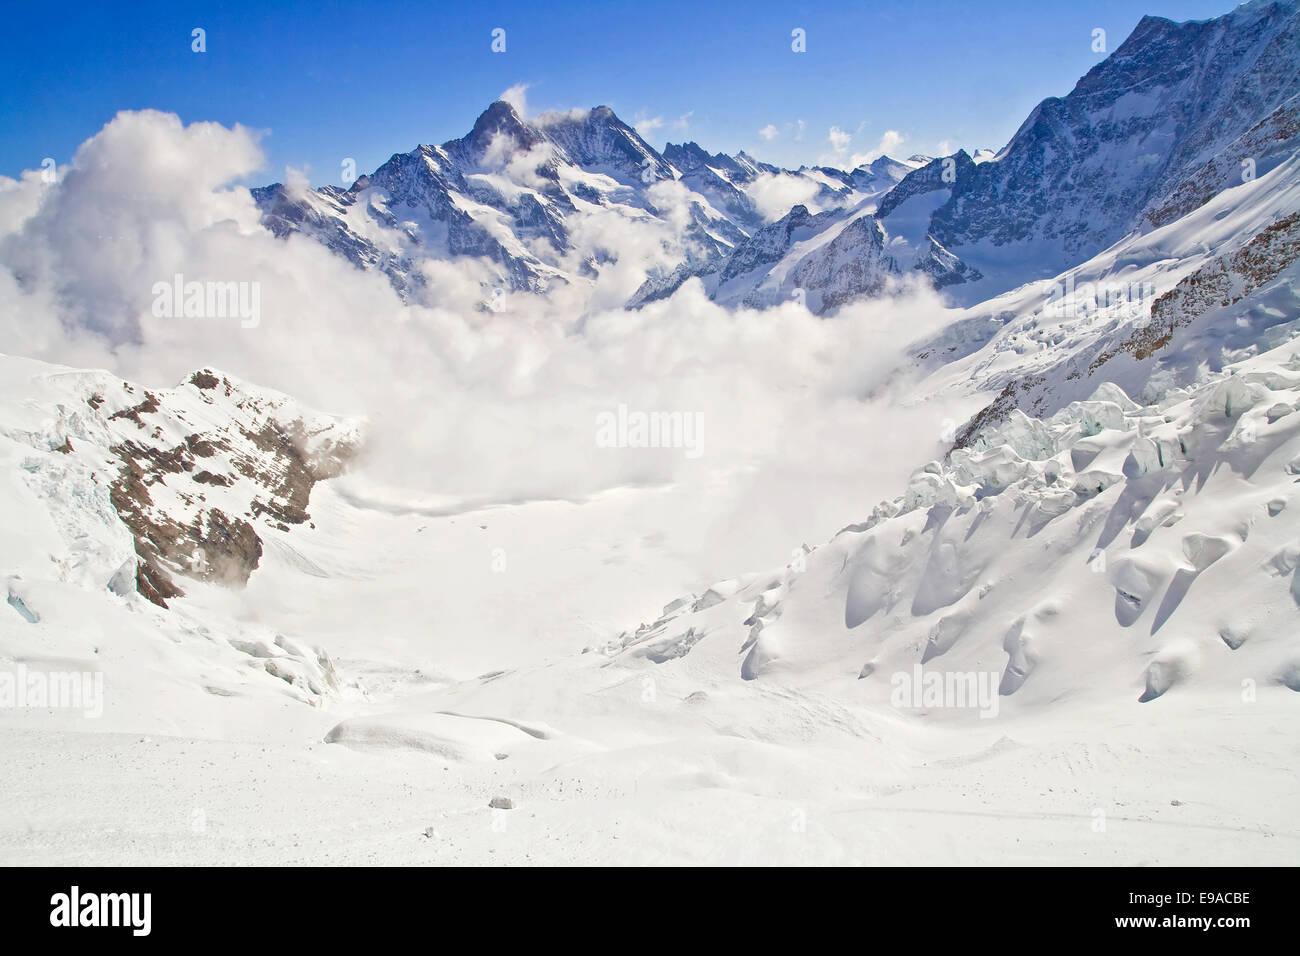 Mist at Jungfraujoch - Stock Image